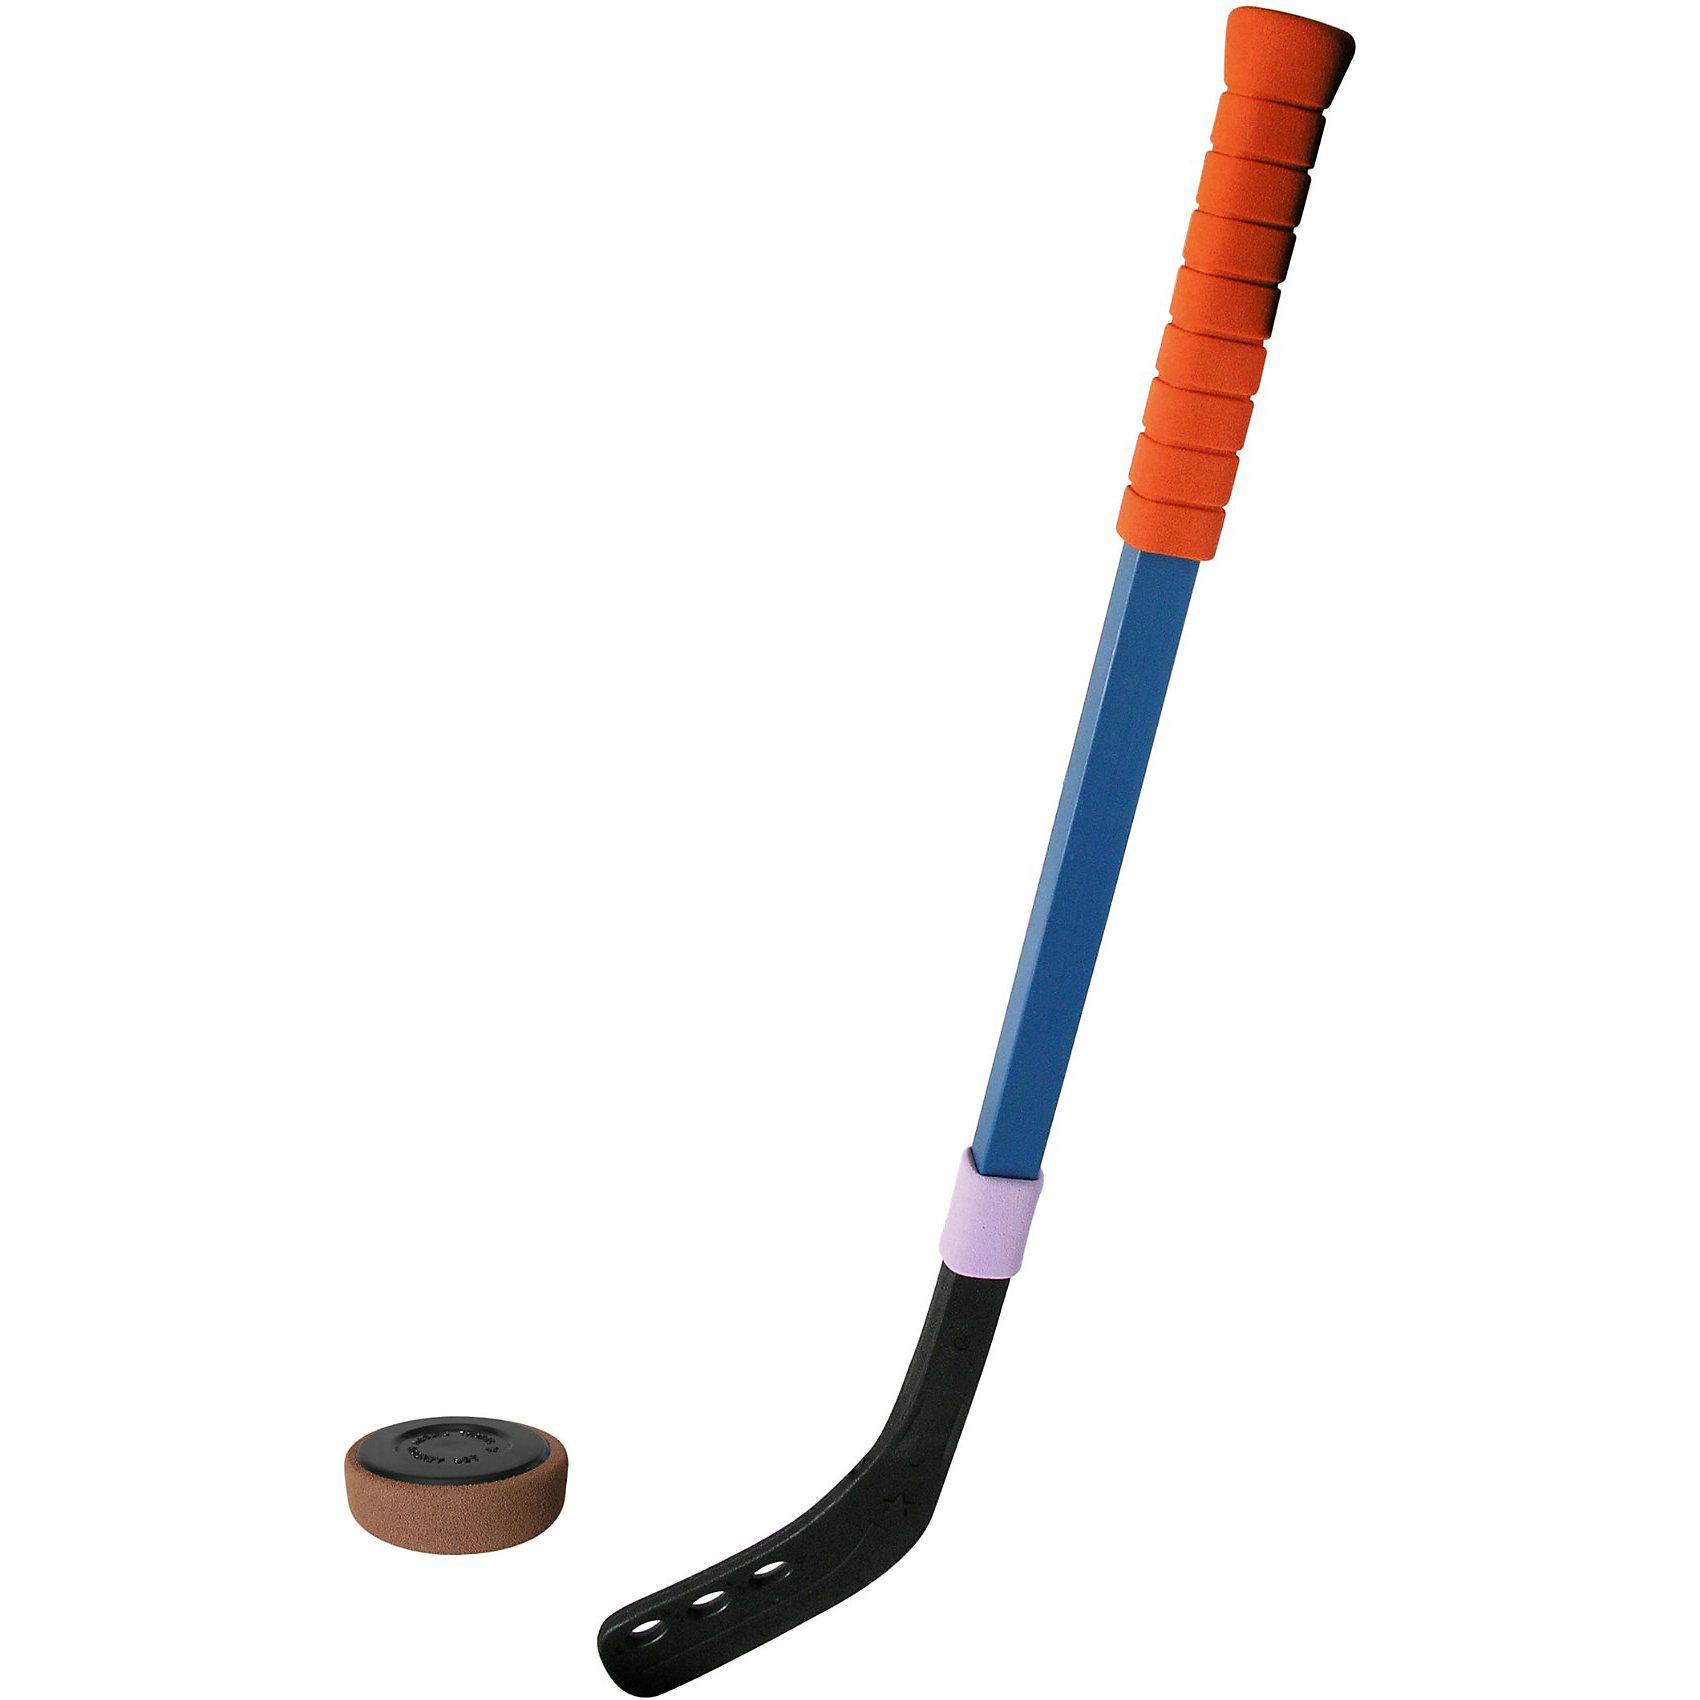 Клюшка хоккейная с шайбой, 70смЗимние забавы и игры - прекрасный вариант провести время с удовольствием и пользой.  Для большего удобства клюшка имеет прорезиненный рифленый наконечник, шайба - мягкое безопасное покрытие. Активный отдых на свежем воздухе хорошо укрепляет иммунитет и организм в целом.<br><br>Дополнительная информация:<br><br>- Комплектация: клюшка, шайба<br>- Размер клюшки: 70 см.<br>- Материал: пластик.<br>- Клюшка с удобной мягкой ручкой.<br><br>ВНИМАНИЕ! Данный артикул представлен в разных цветовых вариантах. К сожалению, заранее выбрать определенный вариант невозможно. При заказе нескольких клюшек  возможно получение одинаковых.<br><br>Клюшку хоккейную с шайбой, 70см, (в ассортименте) можно купить в нашем магазине.<br><br>Ширина мм: 835<br>Глубина мм: 140<br>Высота мм: 70<br>Вес г: 370<br>Возраст от месяцев: 48<br>Возраст до месяцев: 96<br>Пол: Мужской<br>Возраст: Детский<br>SKU: 3920310